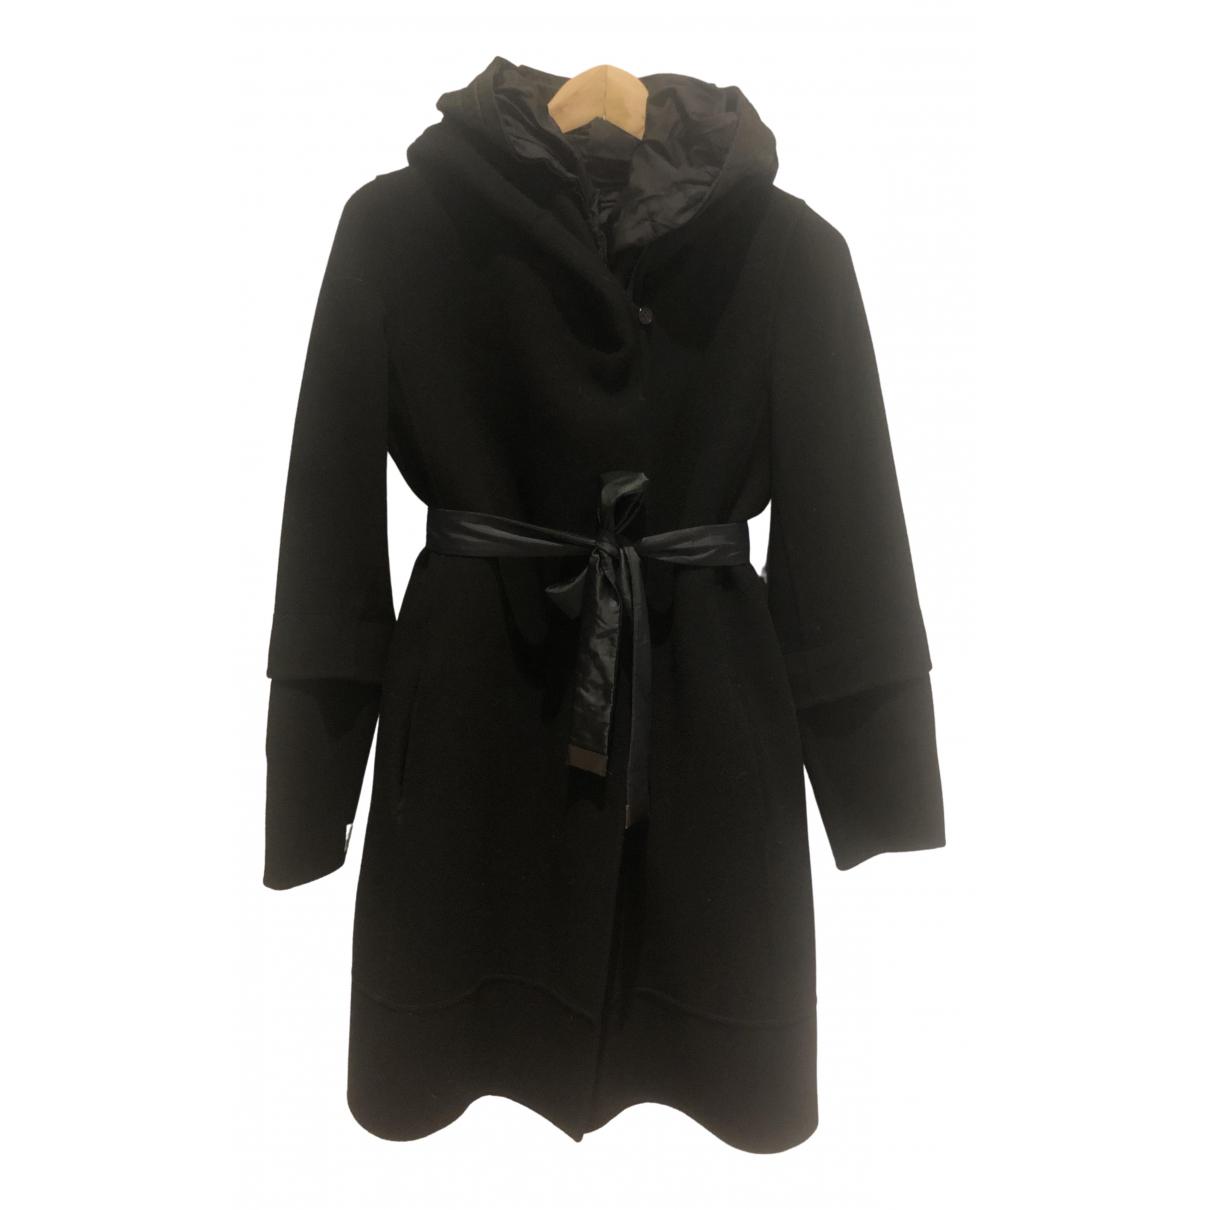 Max Mara s - Manteau   pour femme en laine - noir